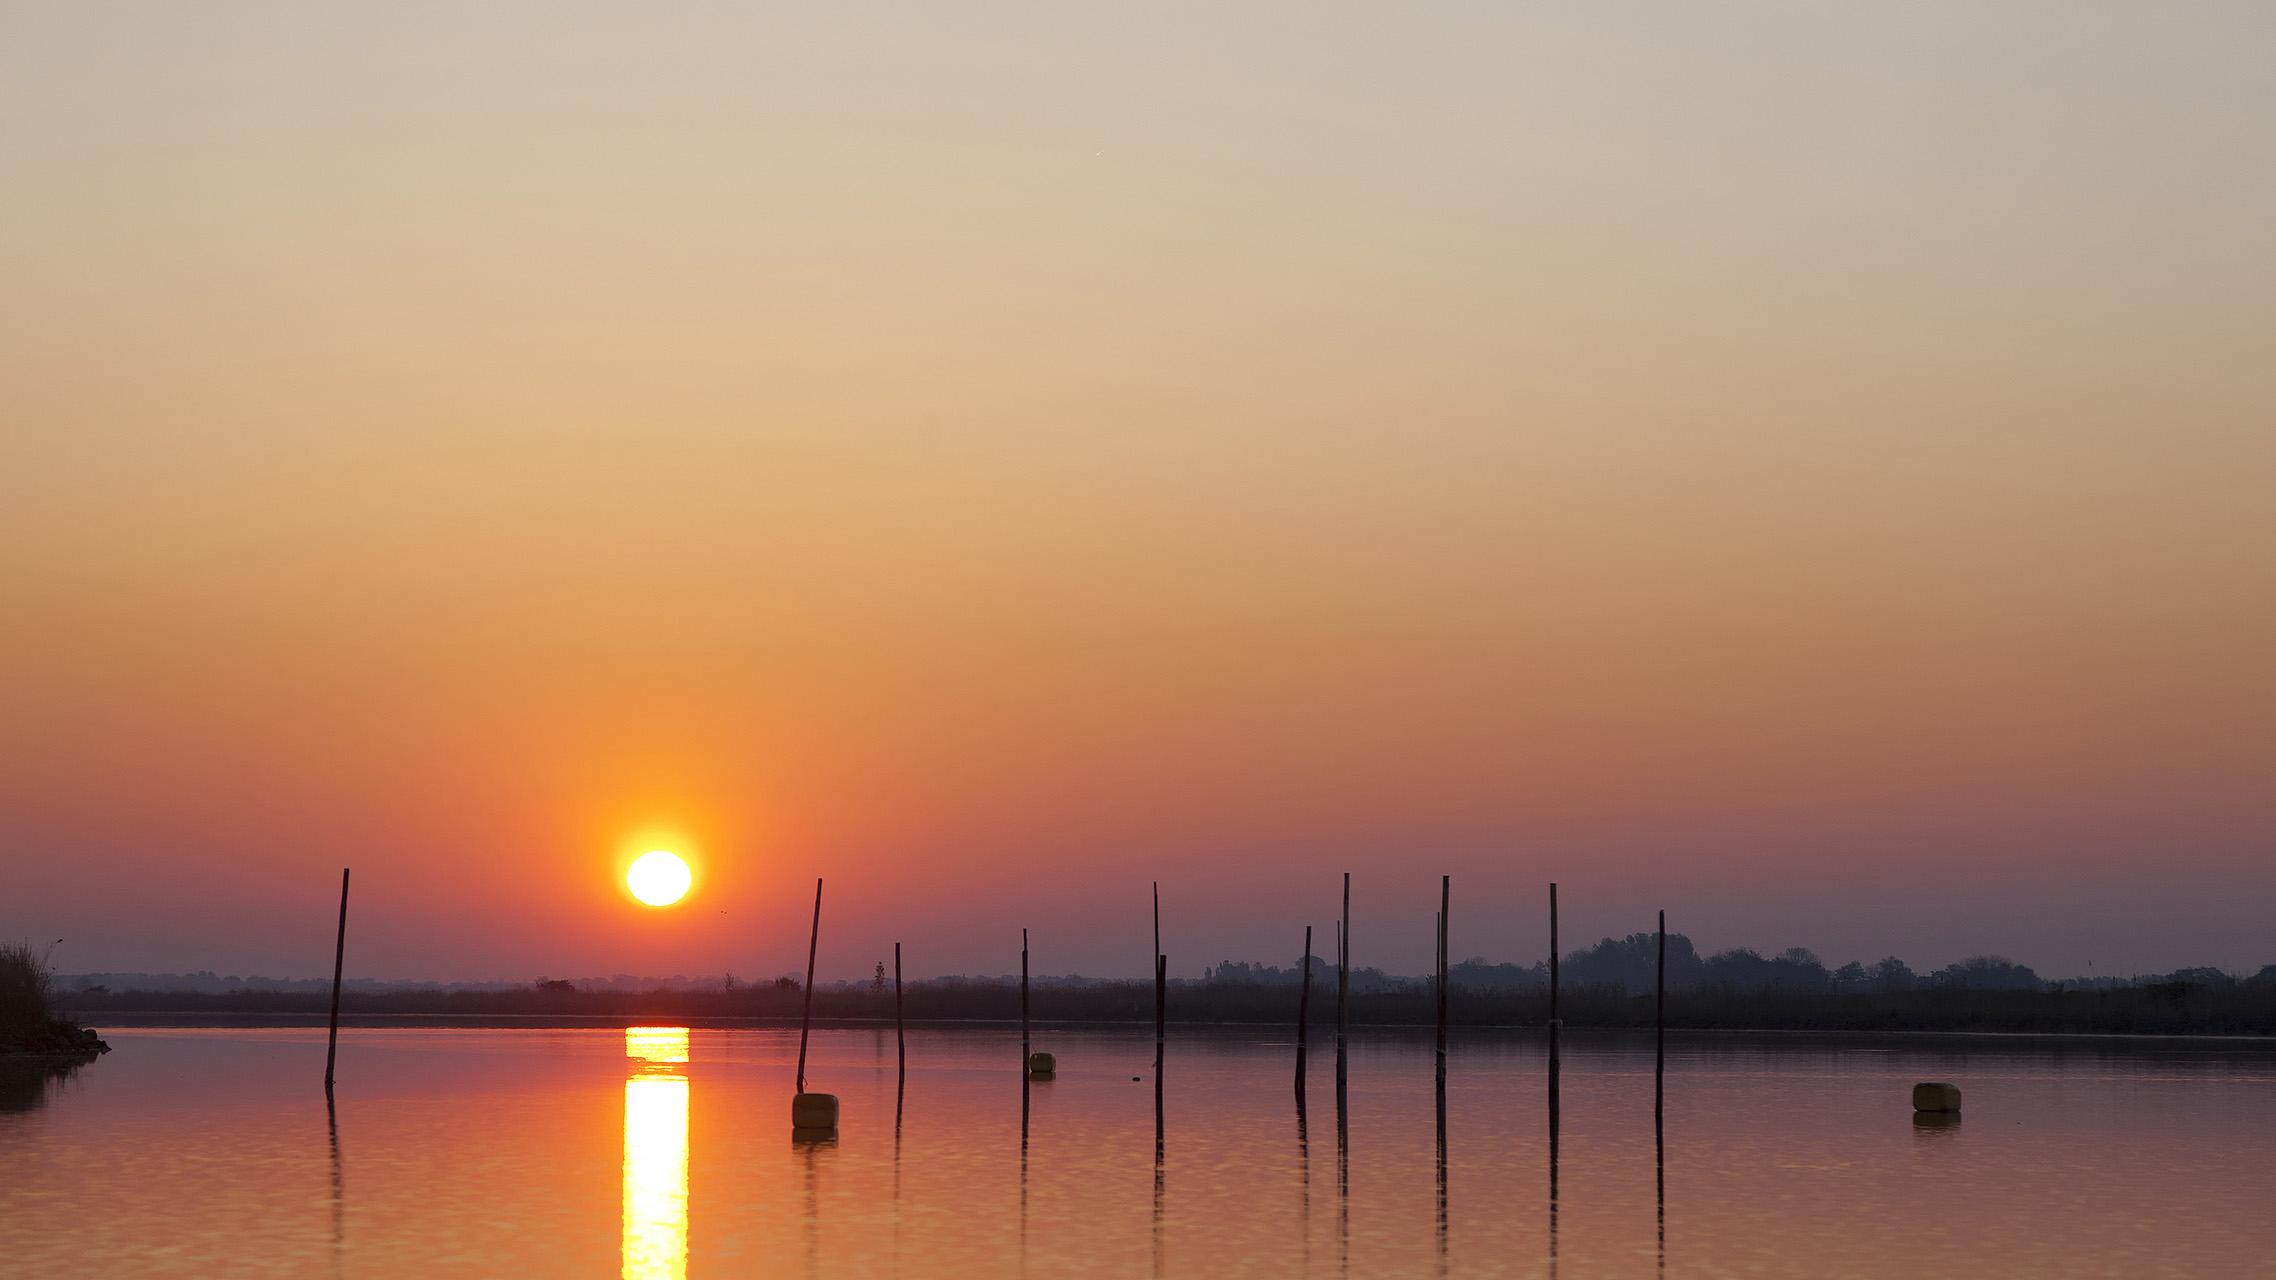 Tijdens een workshop in de Alde Venen varen we met mijn bootje naar de mooiste plekjes in dit prachtige gebied. Ik ken het Nationaal Park op mijn duimpje en laat dit graag zien tijdens een prive vaartocht